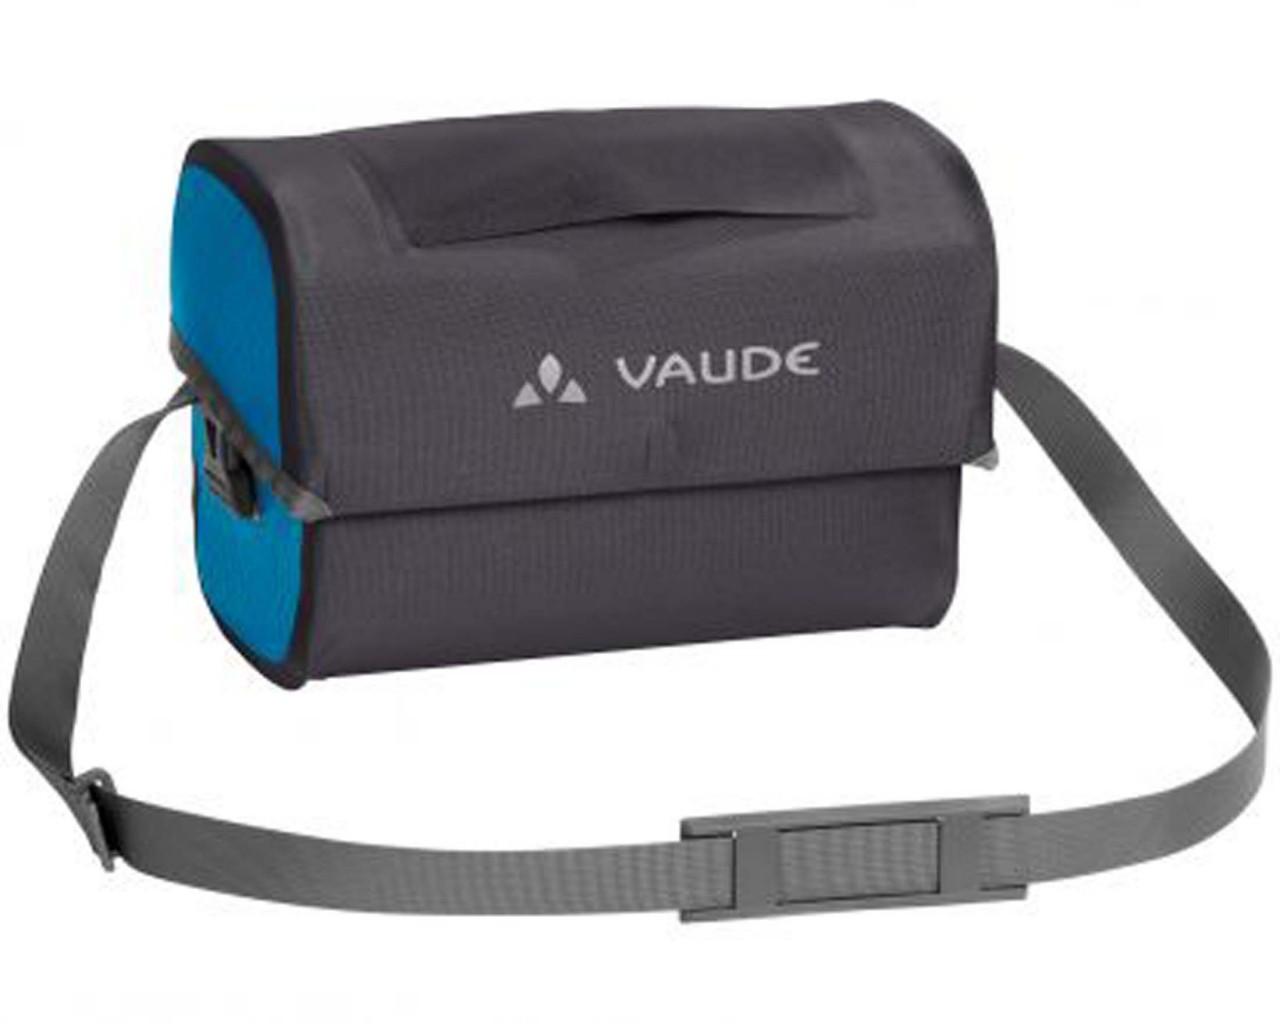 Vaude Aqua Box - wasserdichte Lenkertasche PVC-frei | icicle